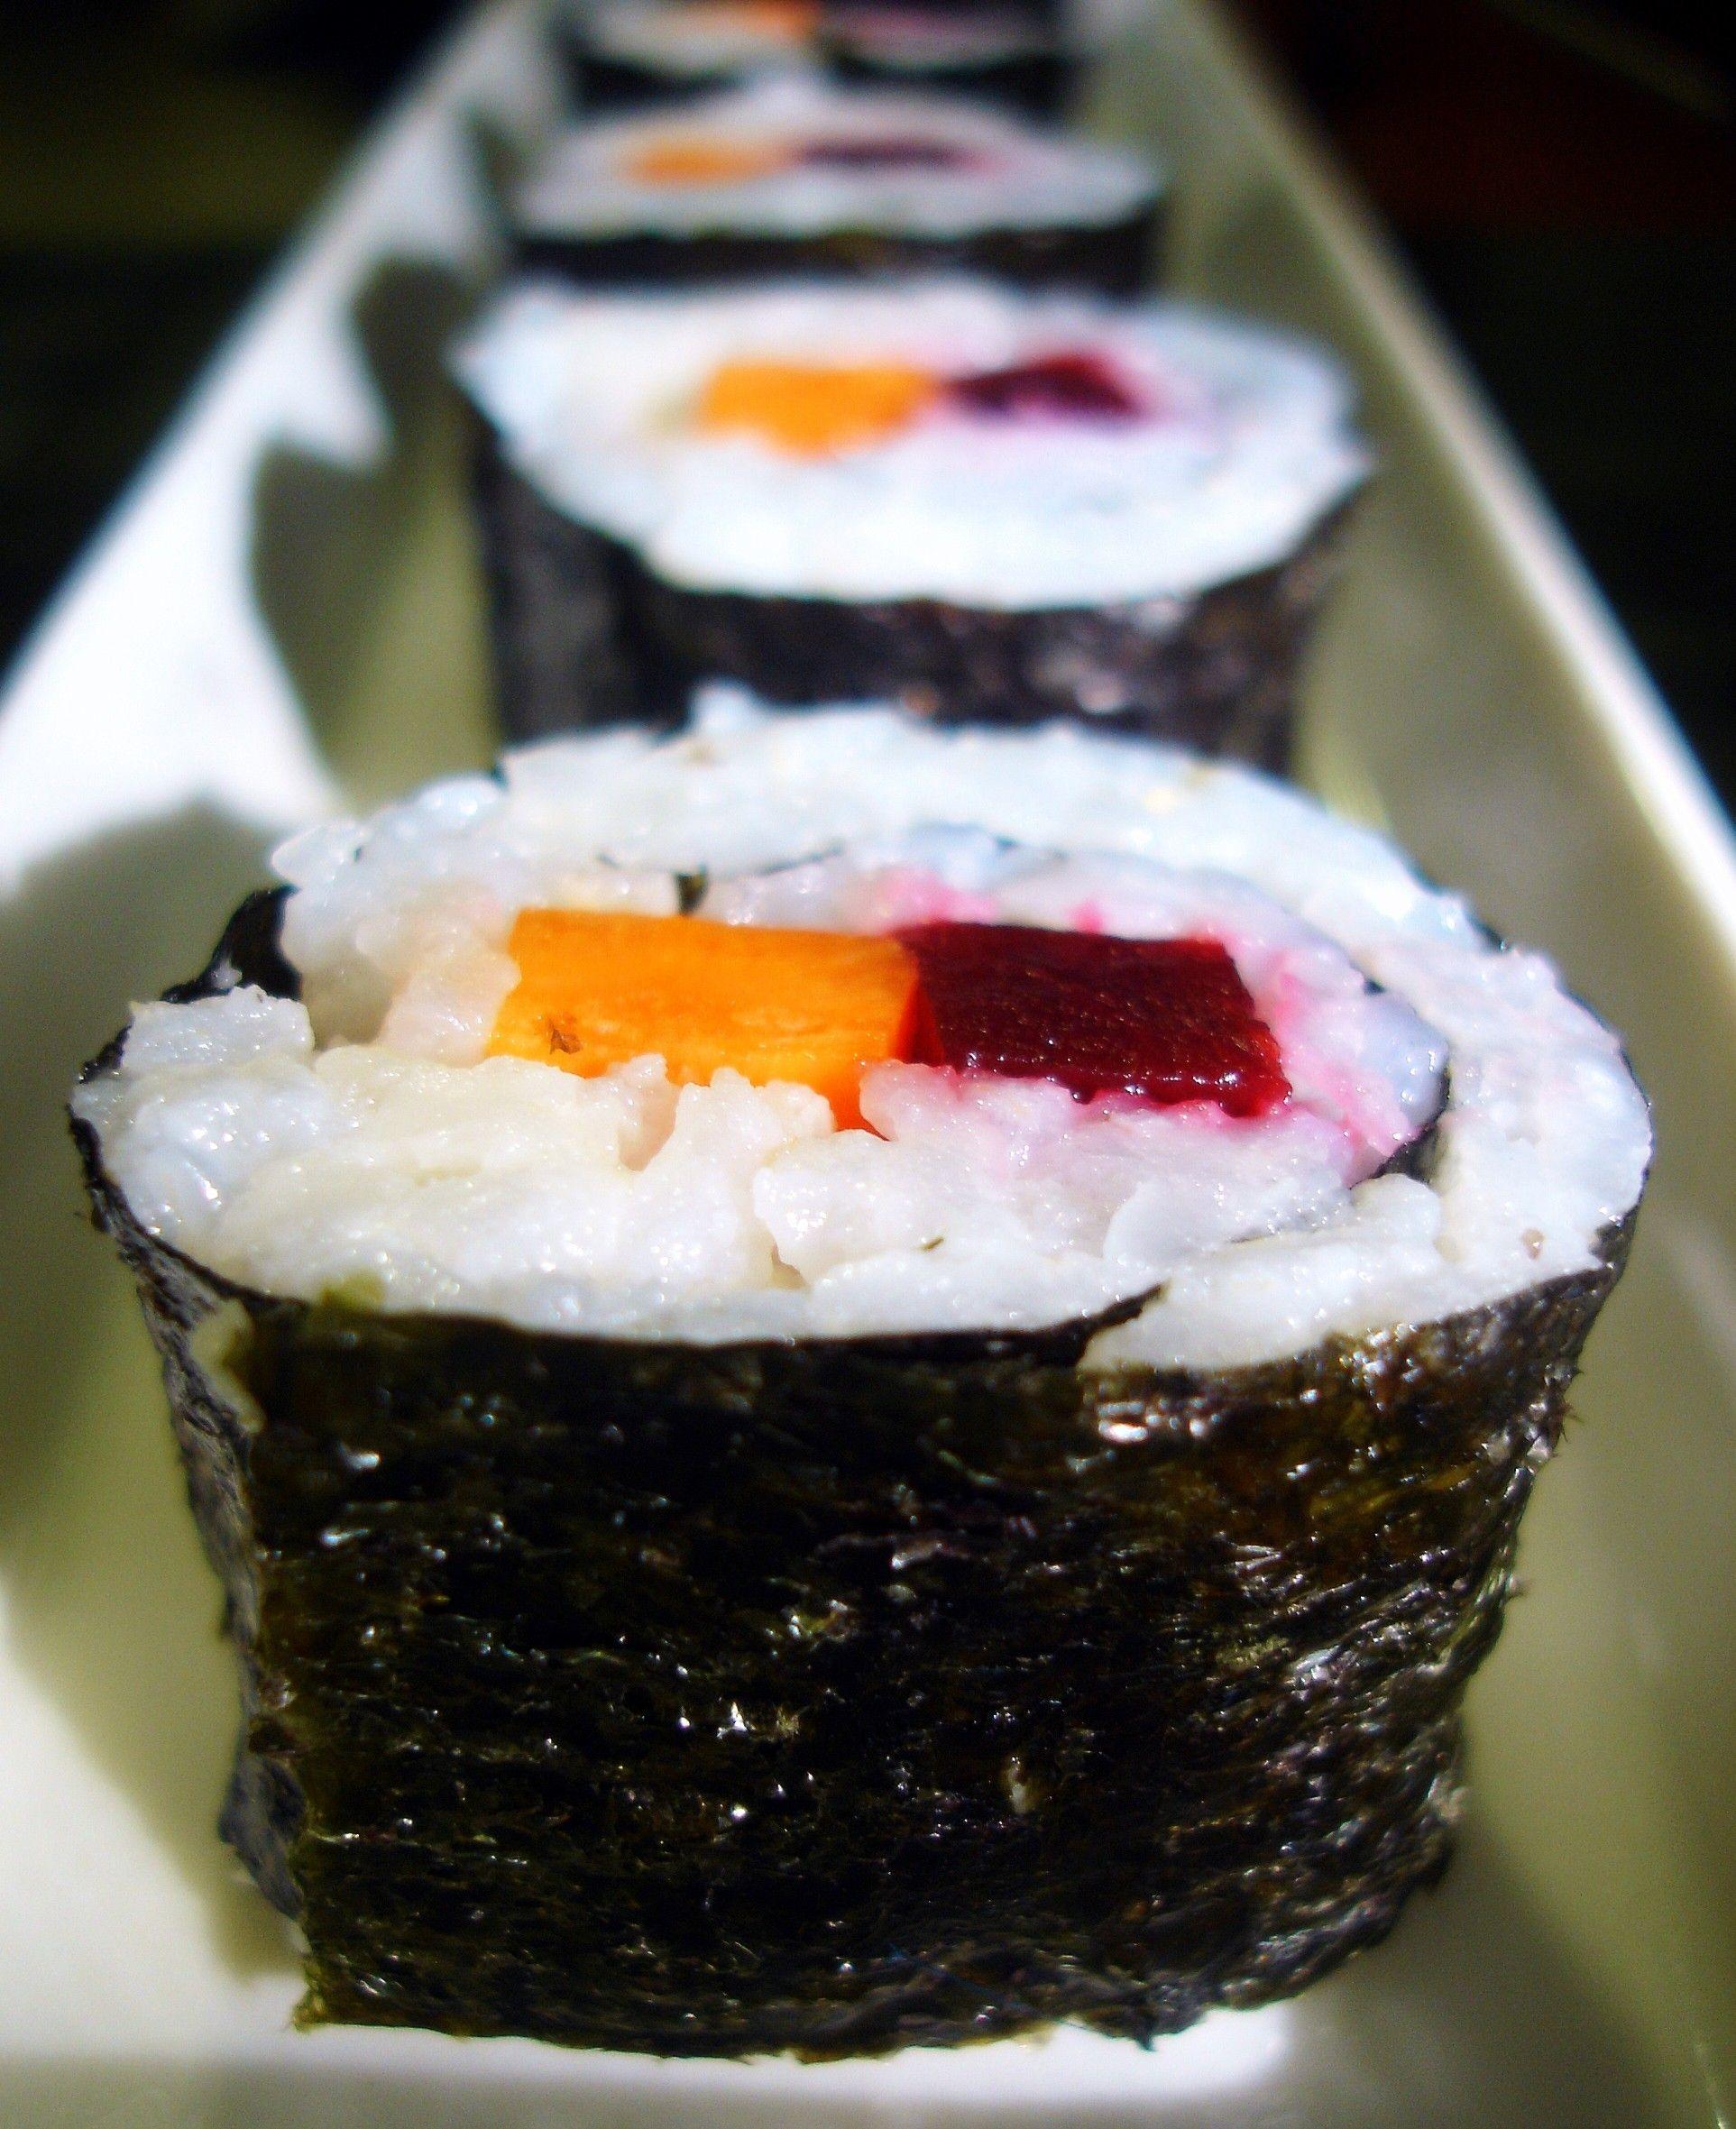 Para degustar un rico Sushi no tienes que visitar un restaurante japonés ya que es una receta realmente fácil de cocinar. La variedad se llama Maki Sushi